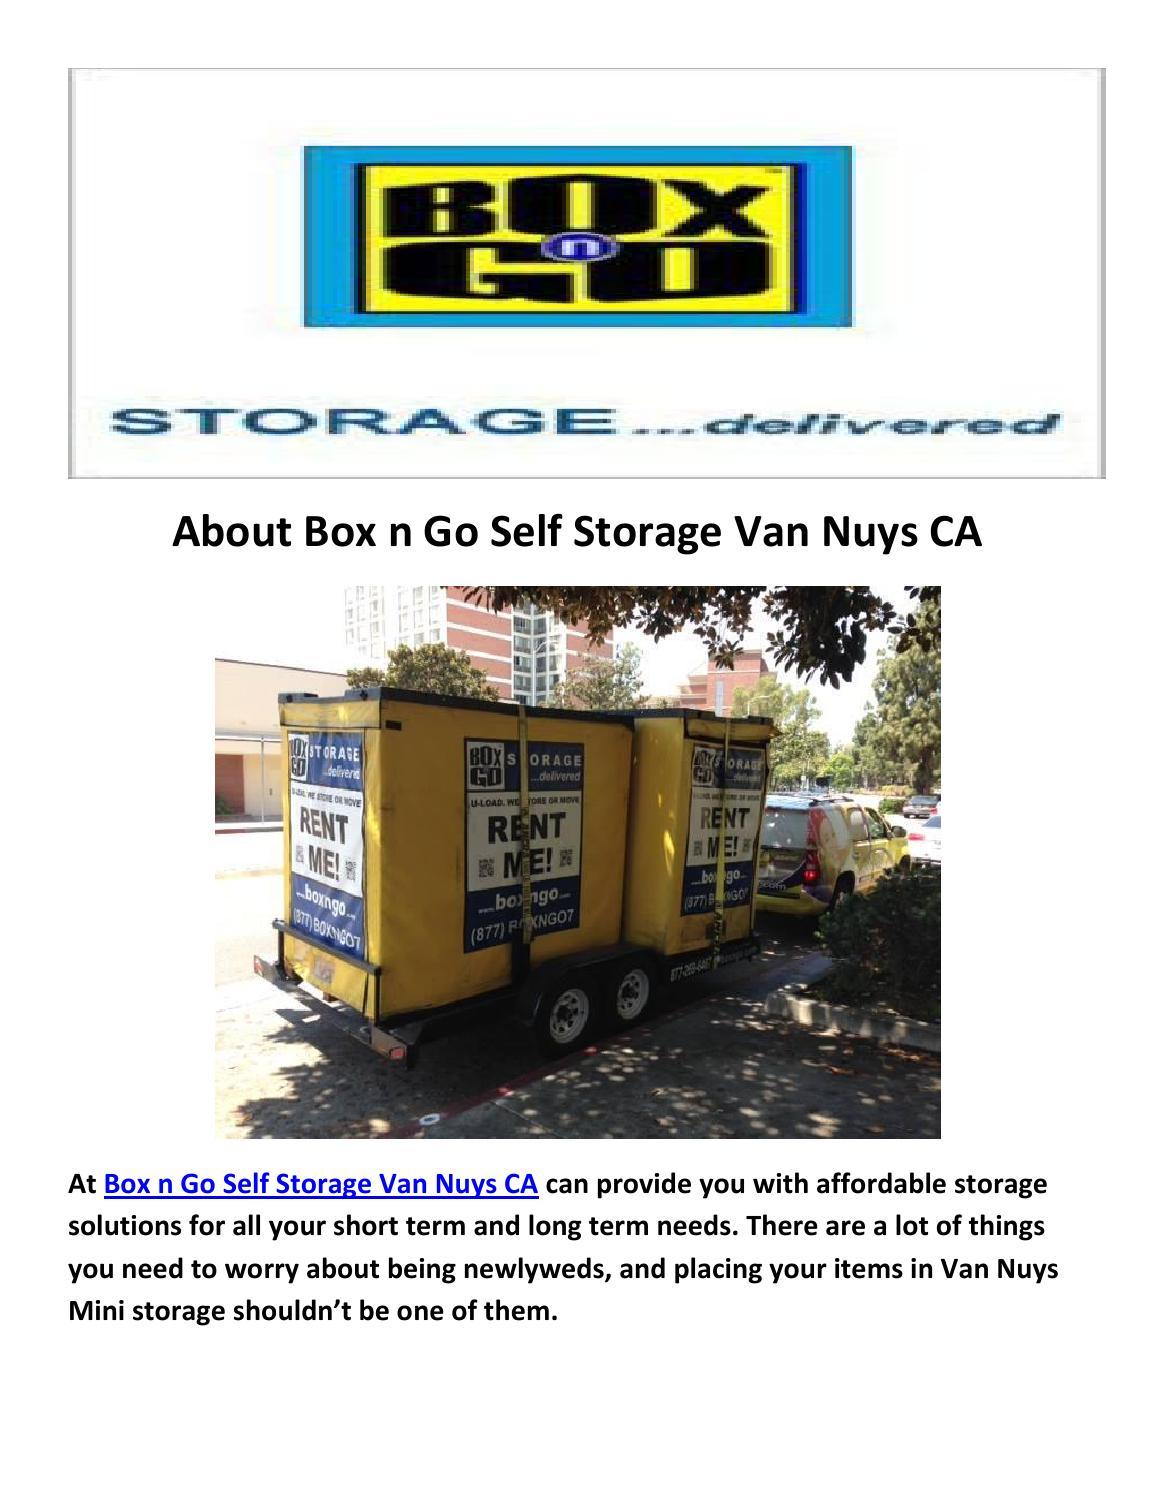 Beau Box N Go Self Storage In Van Nuys CA By Box N Go Self Storage Van Nuys    Issuu